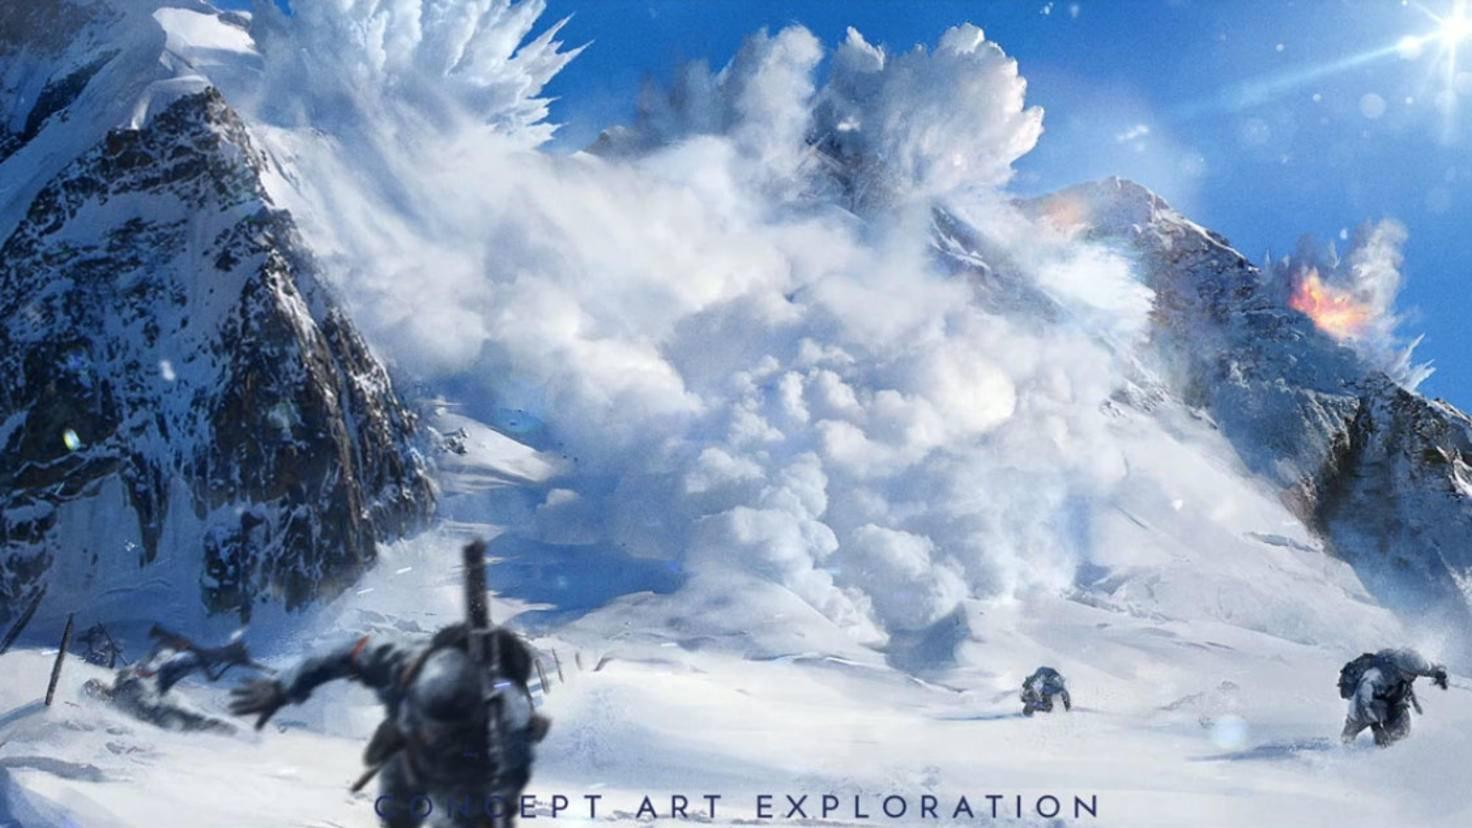 battlefield-5-reveal-event-screenshot